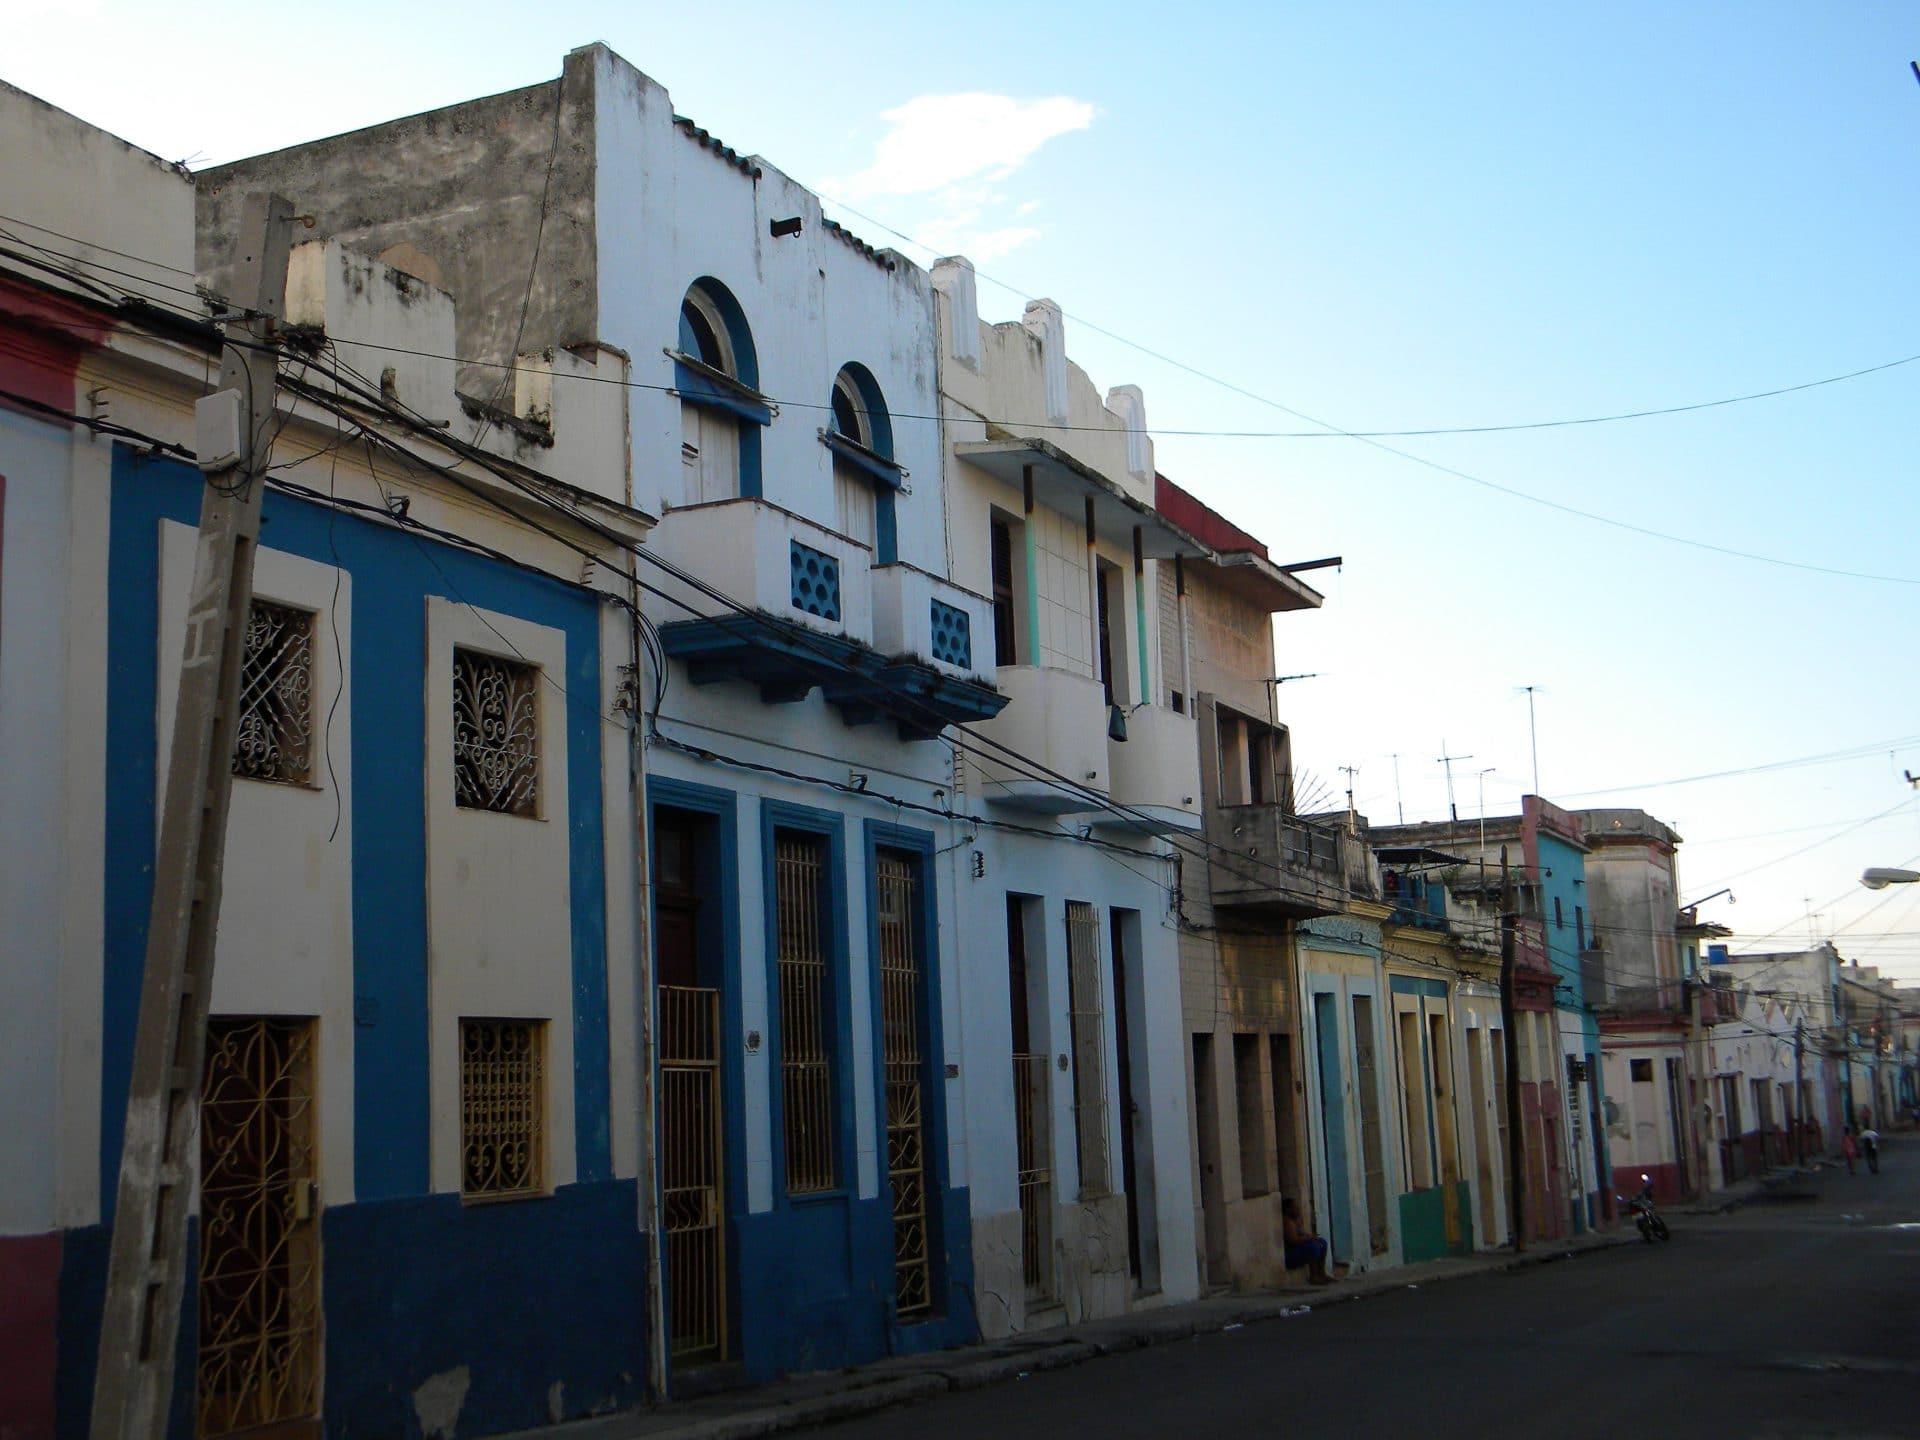 Cuba rue